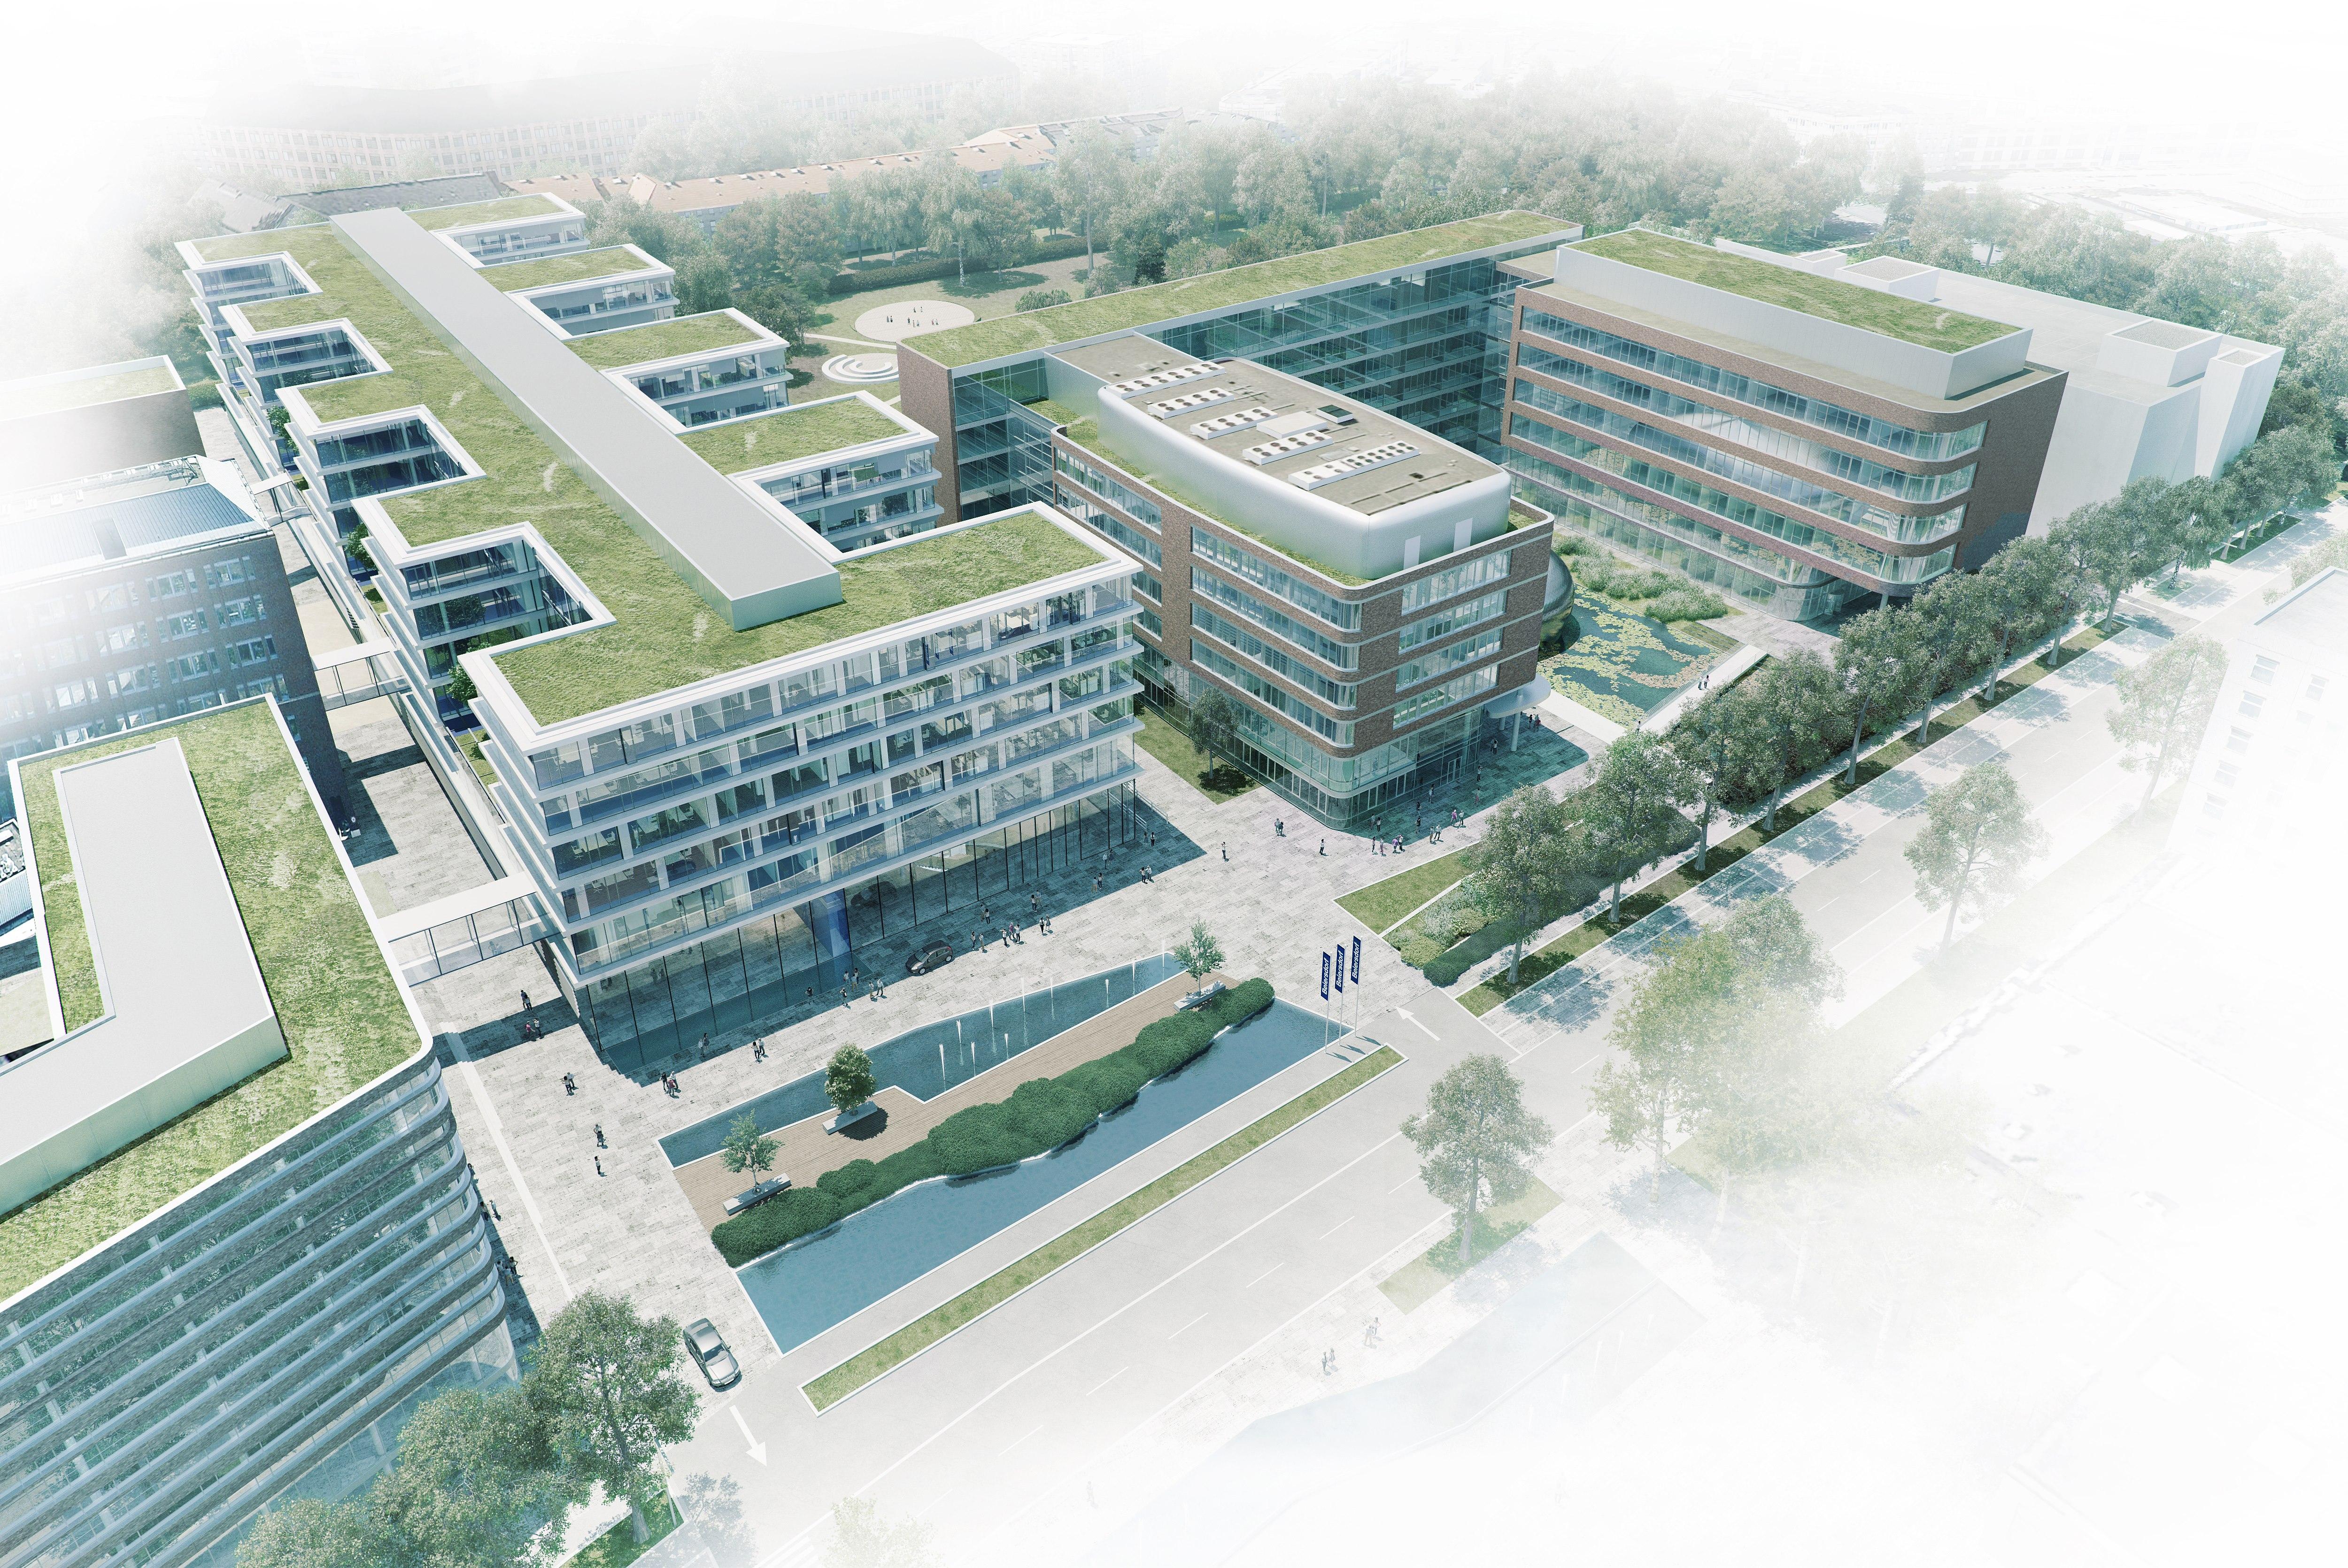 Grüne_Konzernzentralen_Beiersdorf_201805